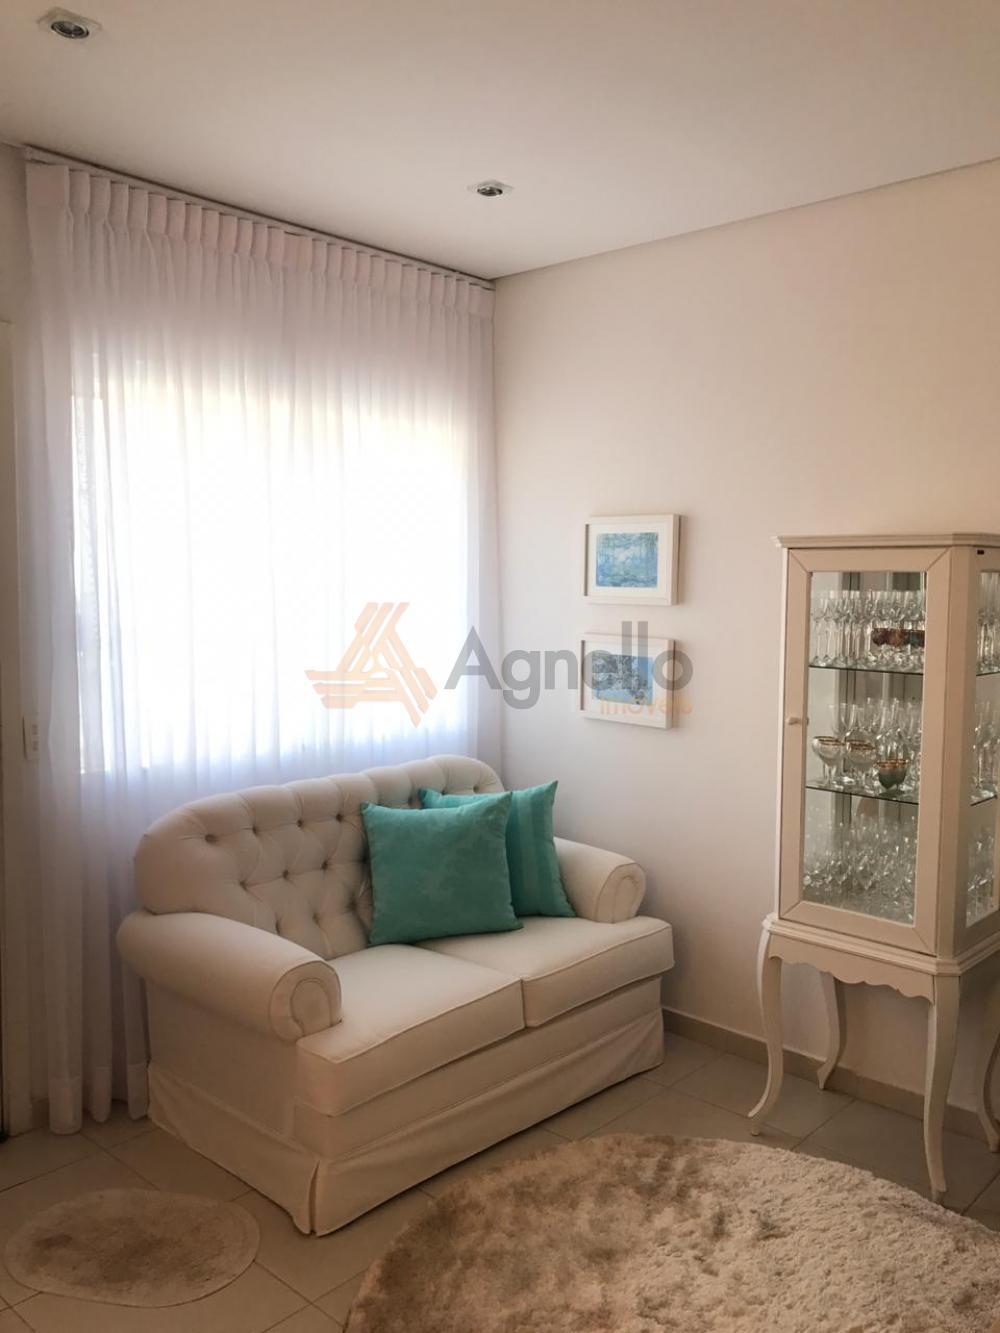 Comprar Casa / Condomínio em Franca R$ 650.000,00 - Foto 7